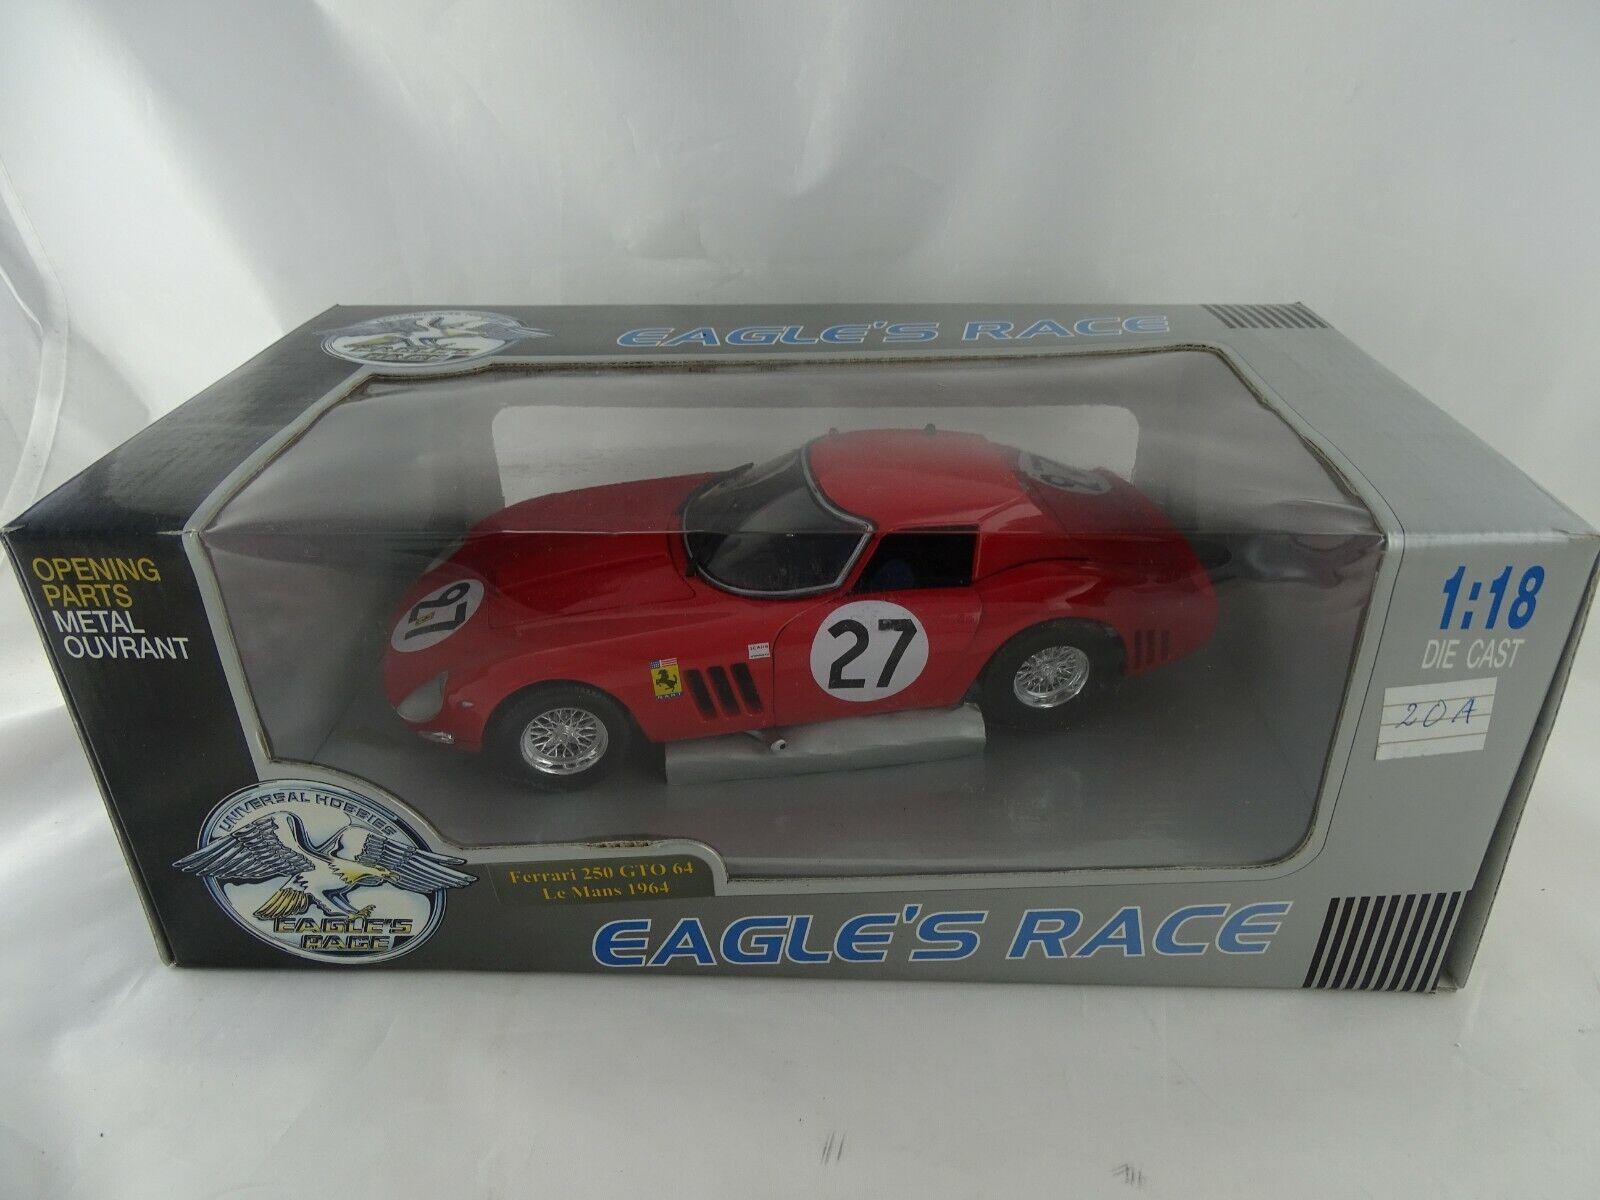 1 18 Eagle Race Ferrari 250 GTO 64 Le Mans 1964  27 rot